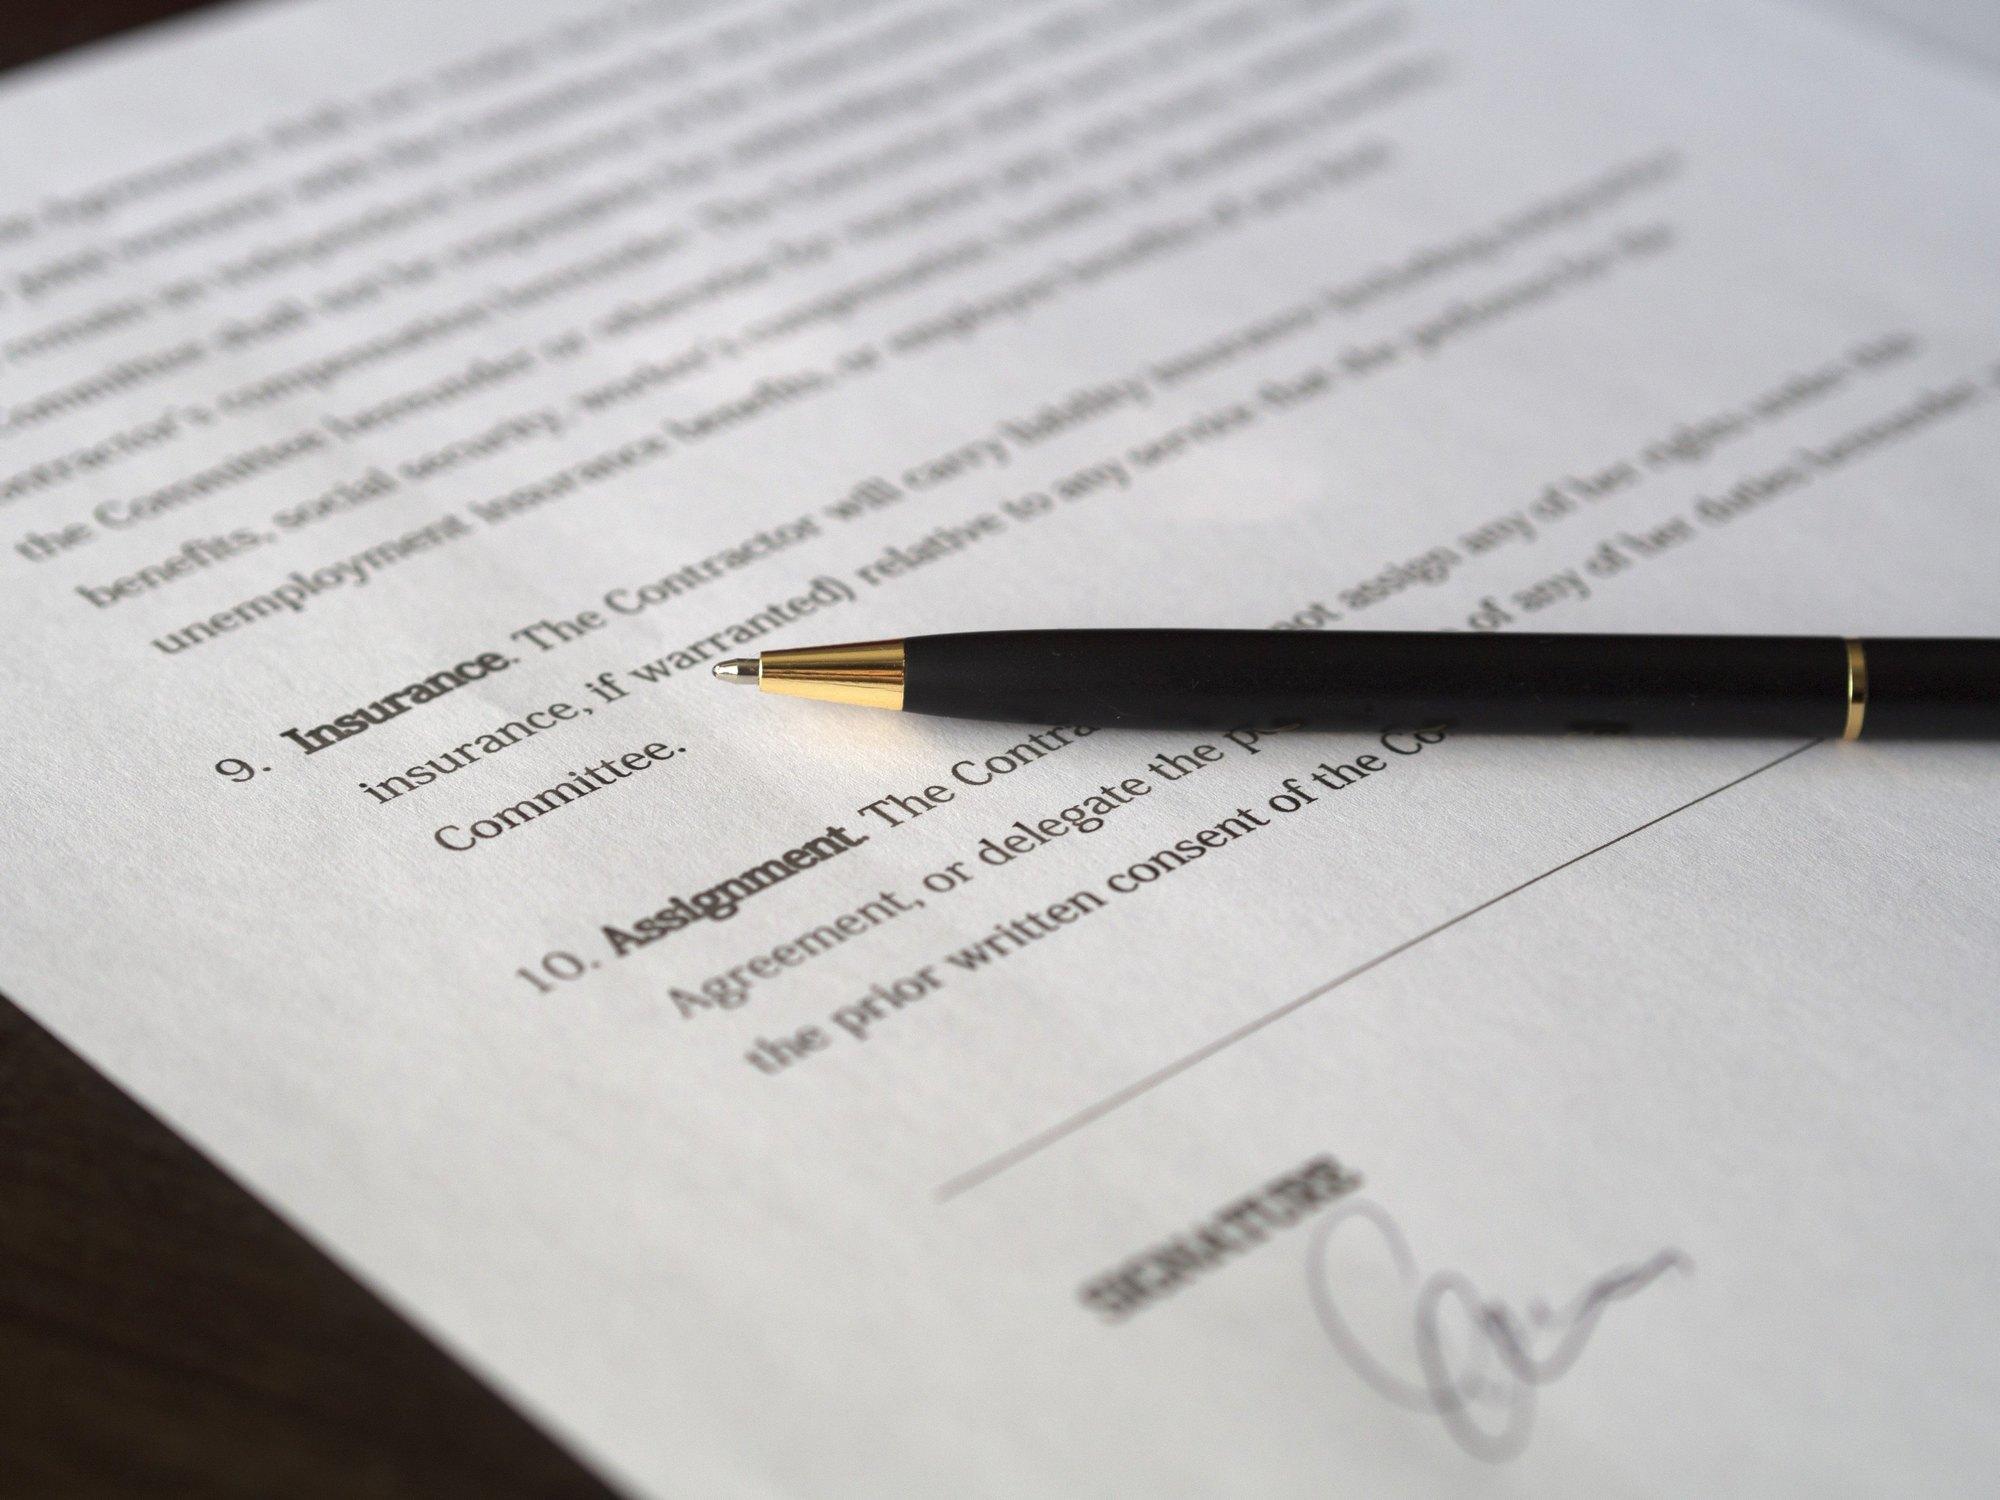 Assicurazioni - Contratto (4) Imc